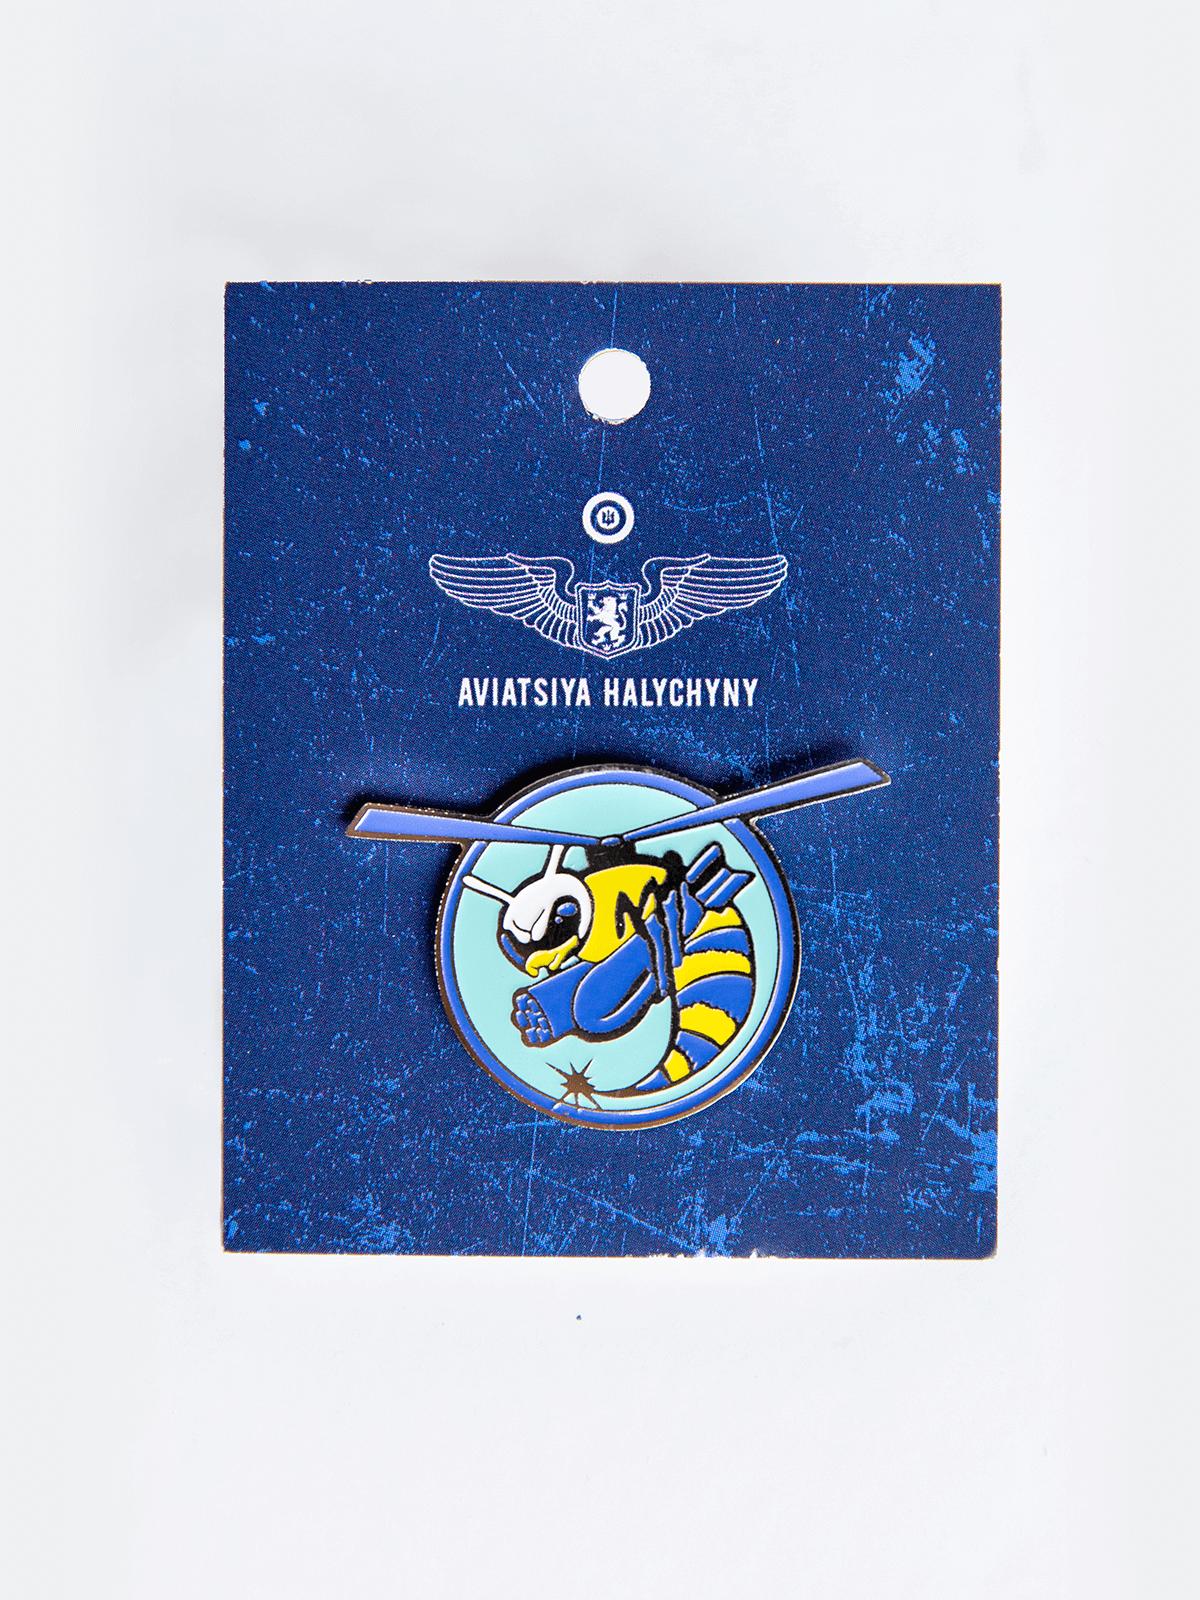 Значок Бджола. Колір темно-синій. Бджола-гелікоптер (або ж гелікоптер-бджола, кому як більше пасує) - крутий пін - значок для тих, кому мало нашої футболки чи поло і хочеться мати таку саму войовничу бджолу на щодень до будь-якого одягу.